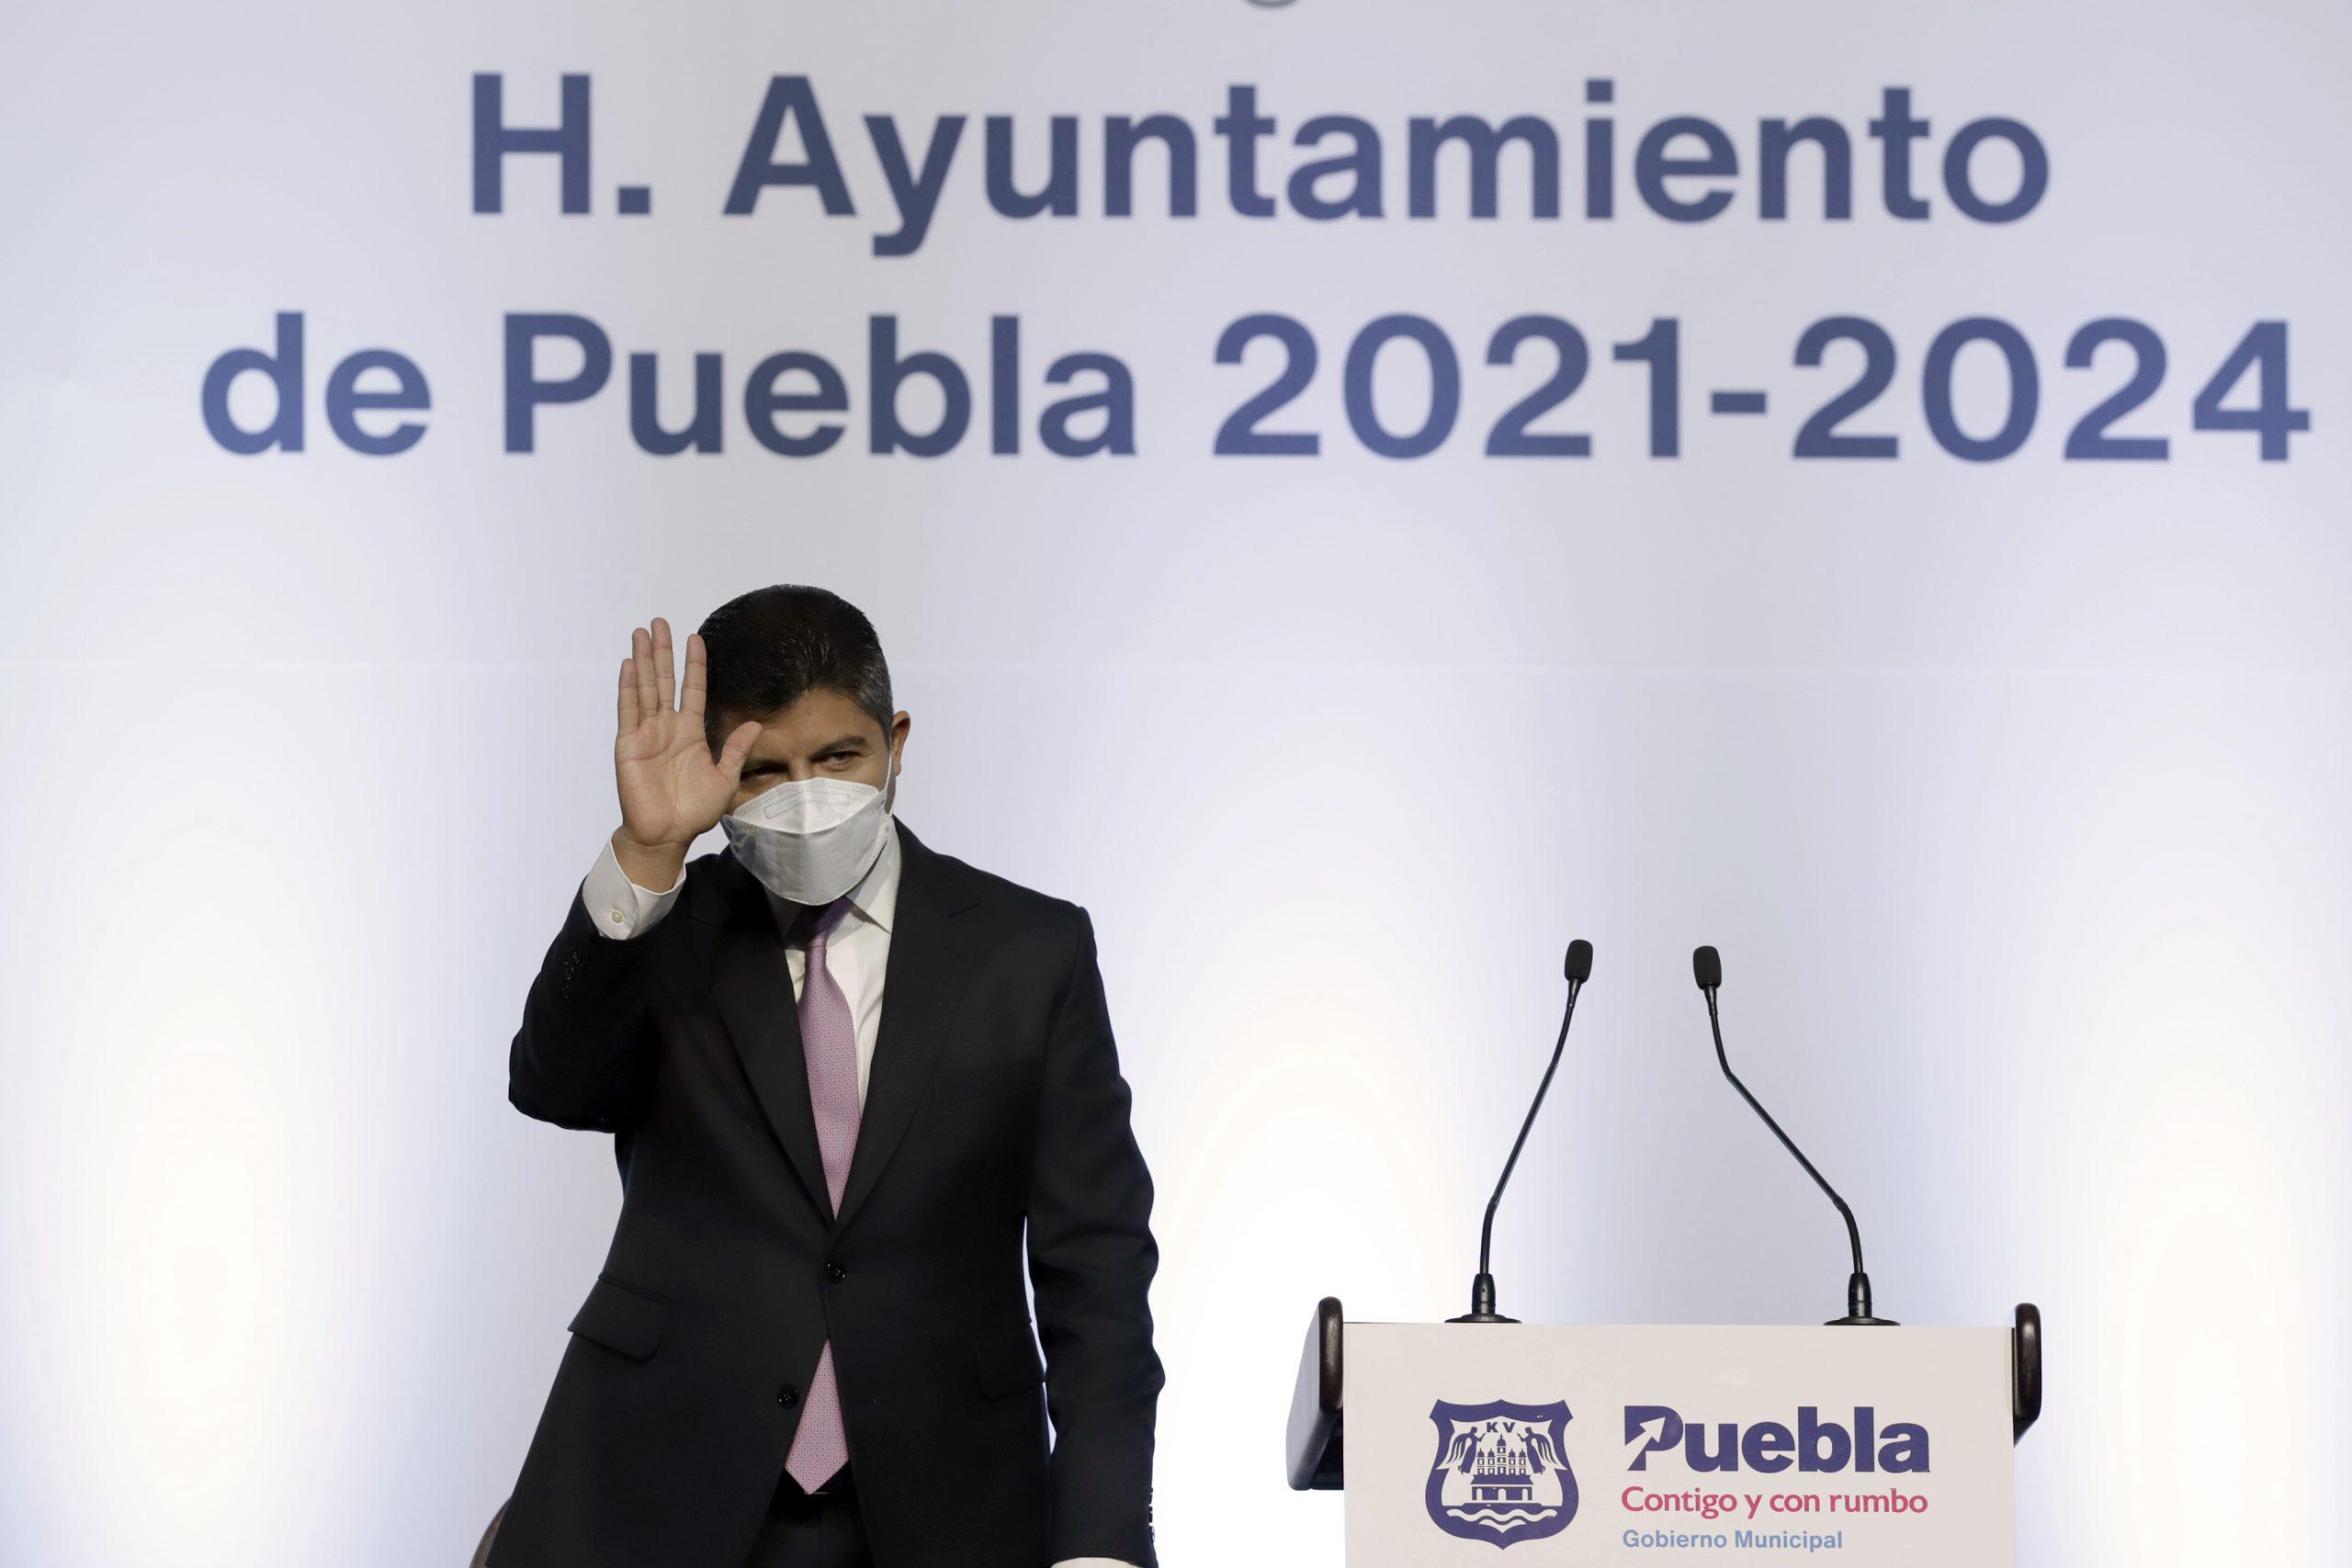 ¿Quién es Eduardo Rivera Pérez, el nuevo alcalde de la ciudad de Puebla?